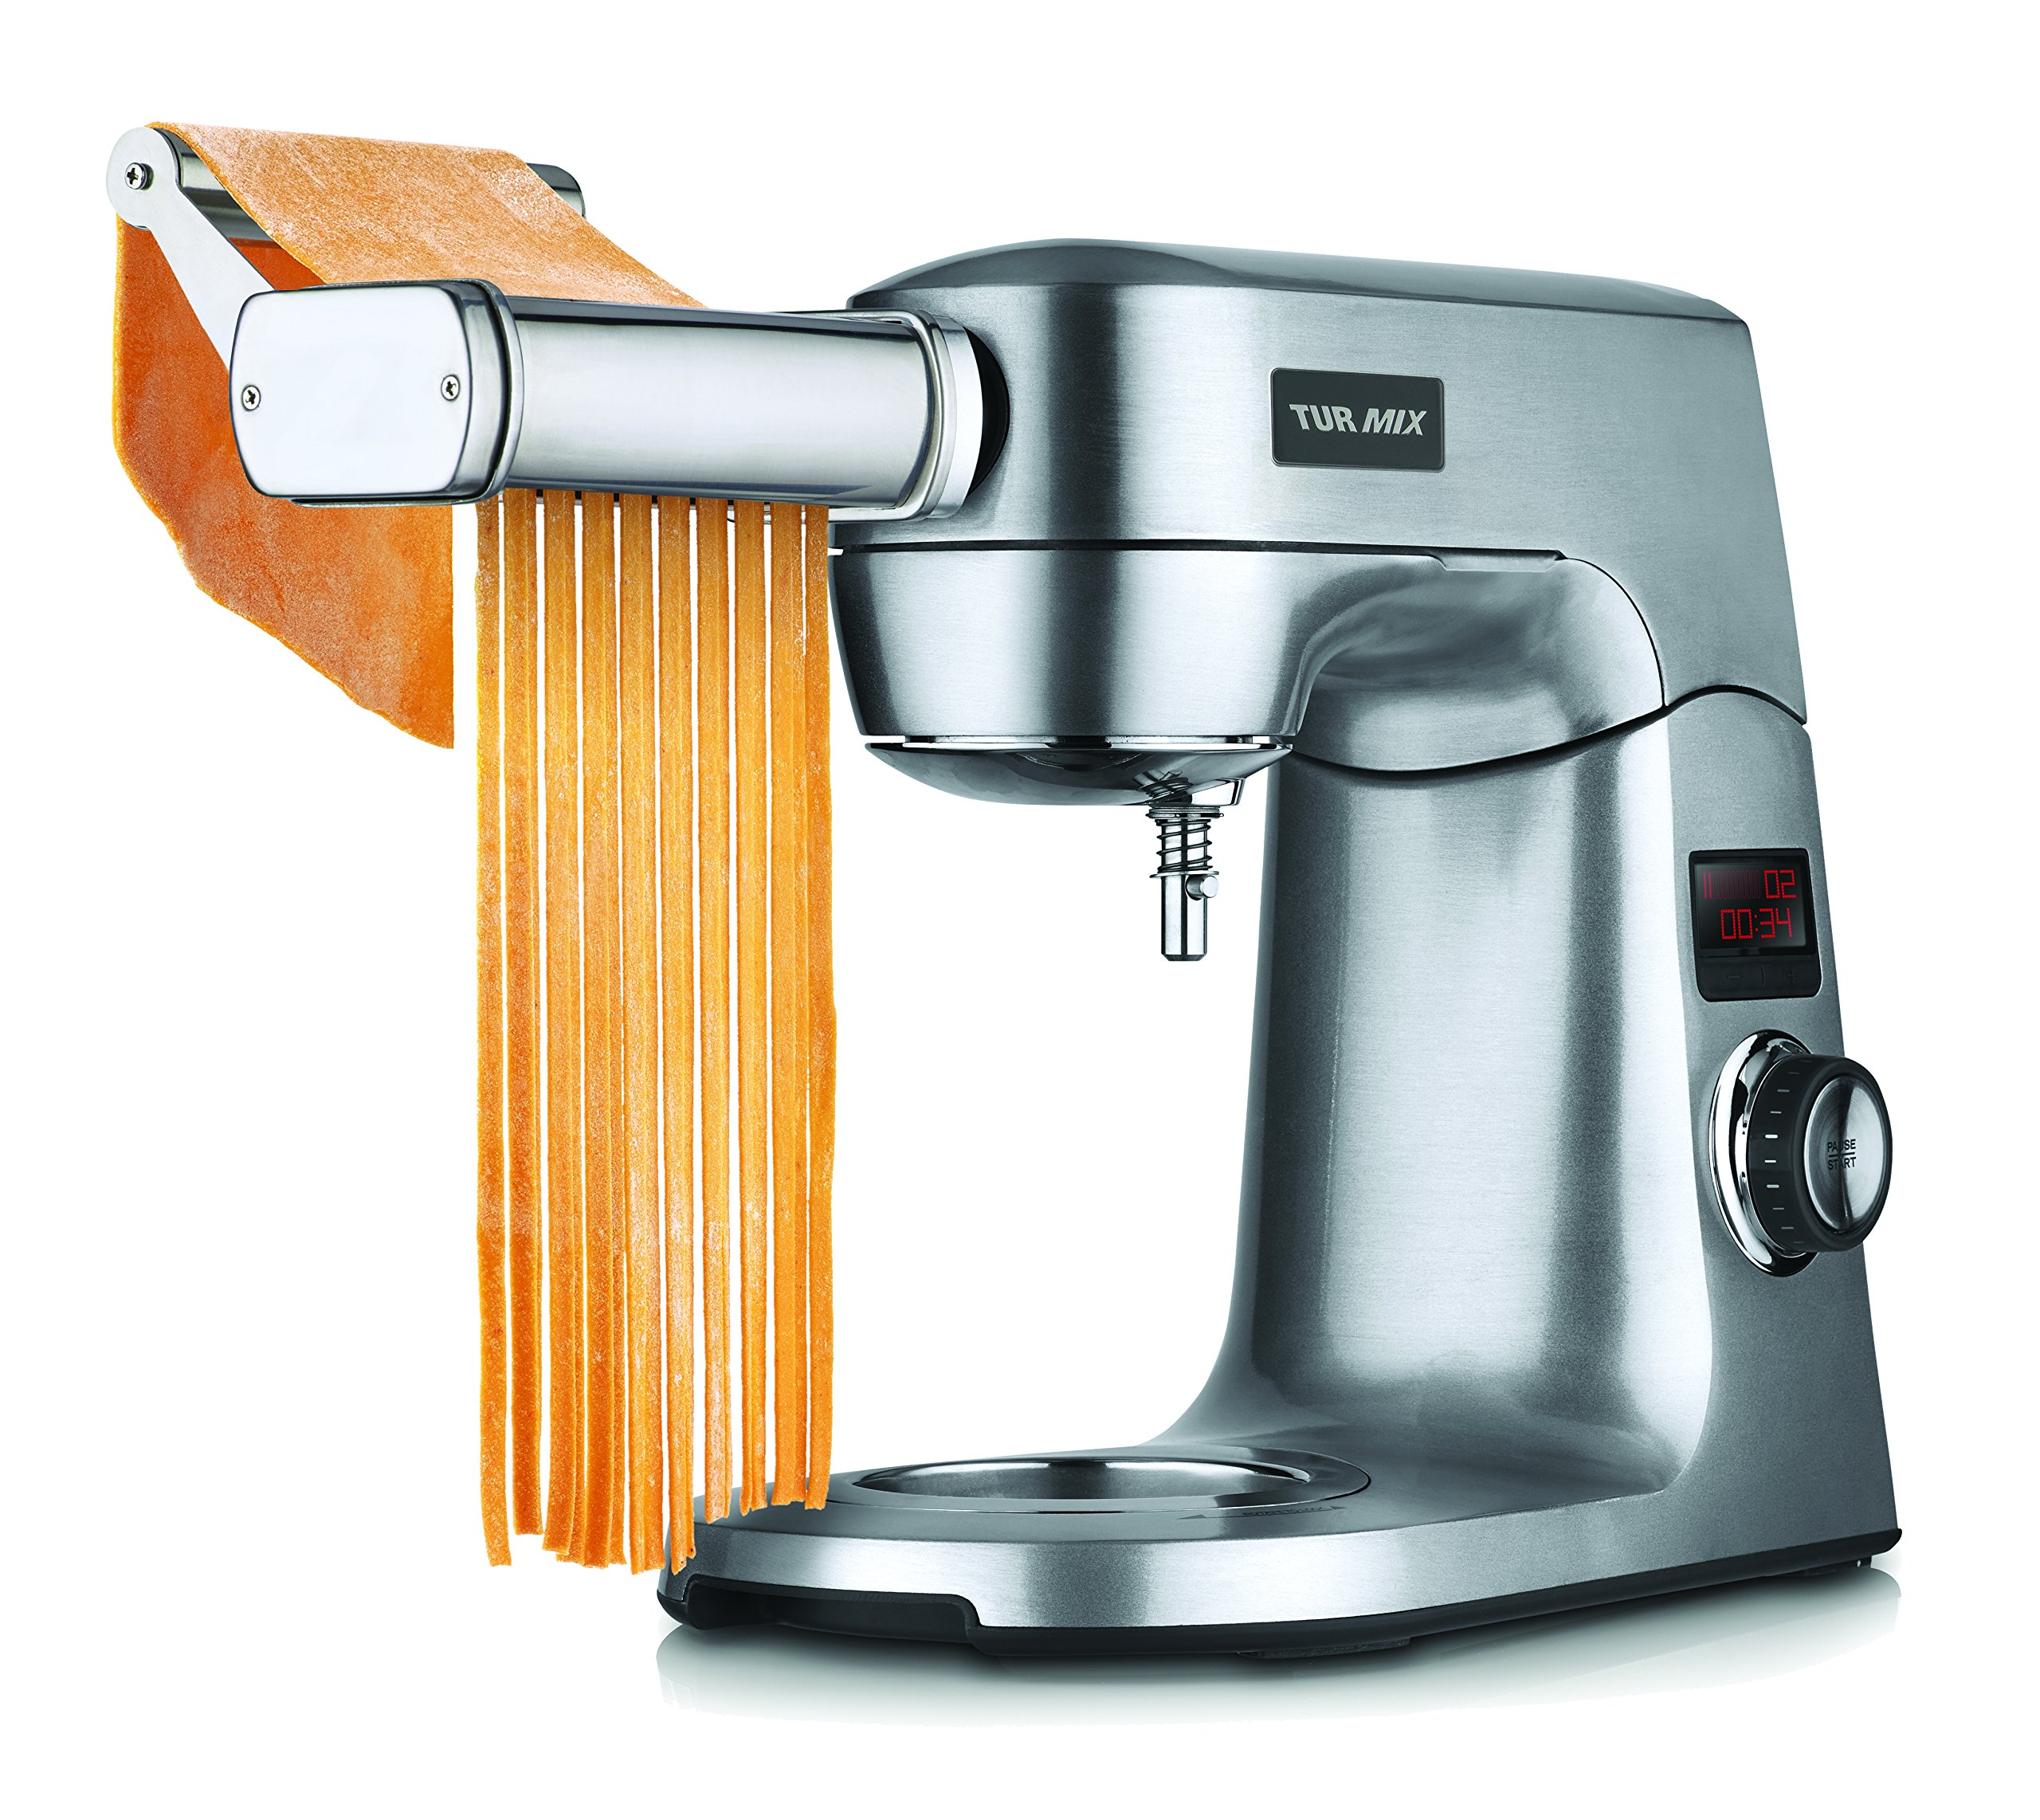 Turmix A32482 - Máquina para hacer tallarines para robot de cocina CX 950: Amazon.es: Hogar